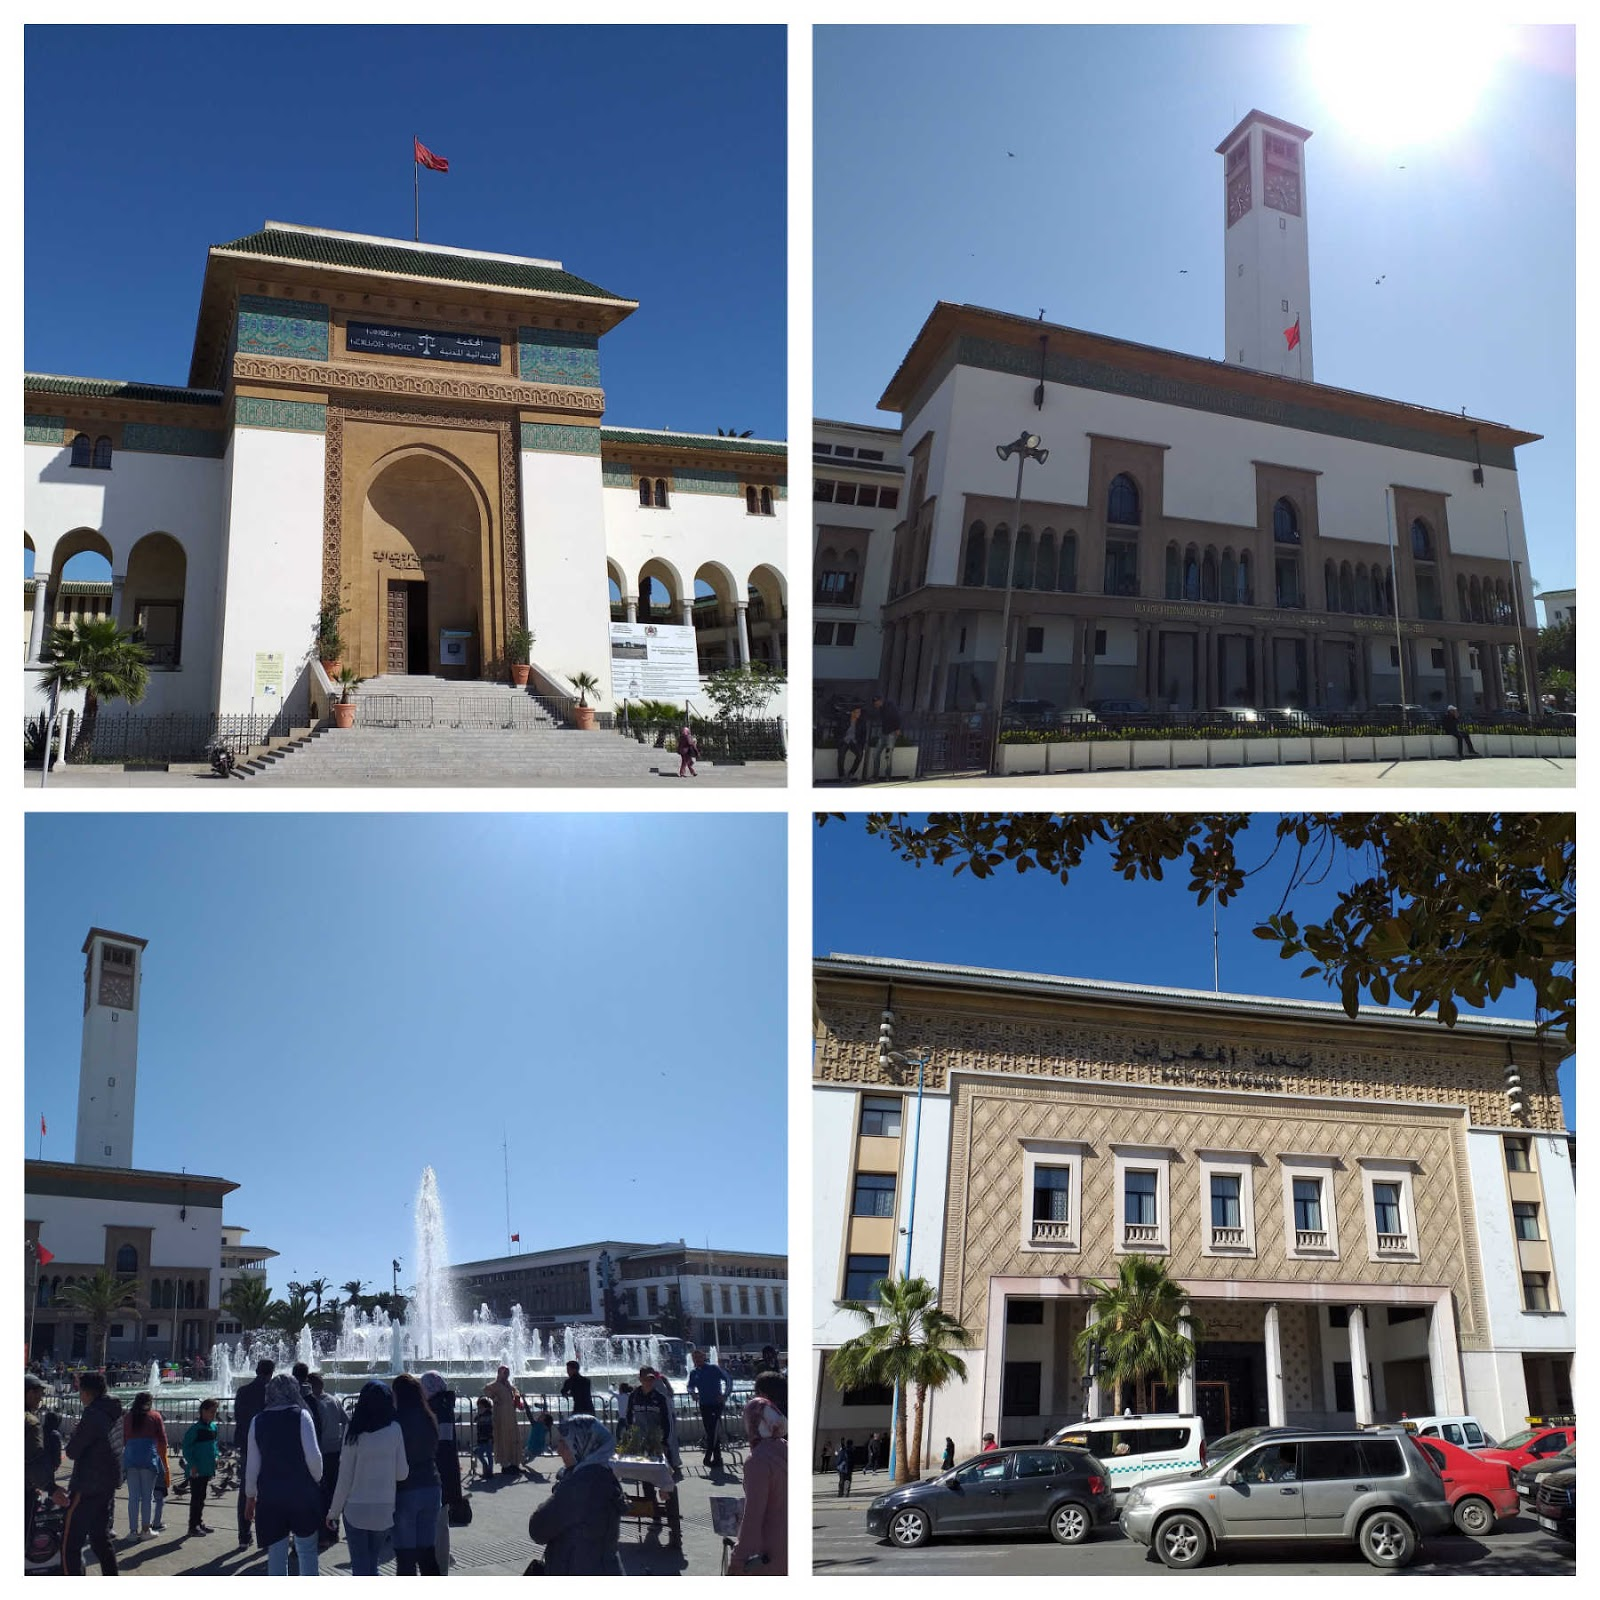 Praça Mohammed V, Casablanca, Marrocos